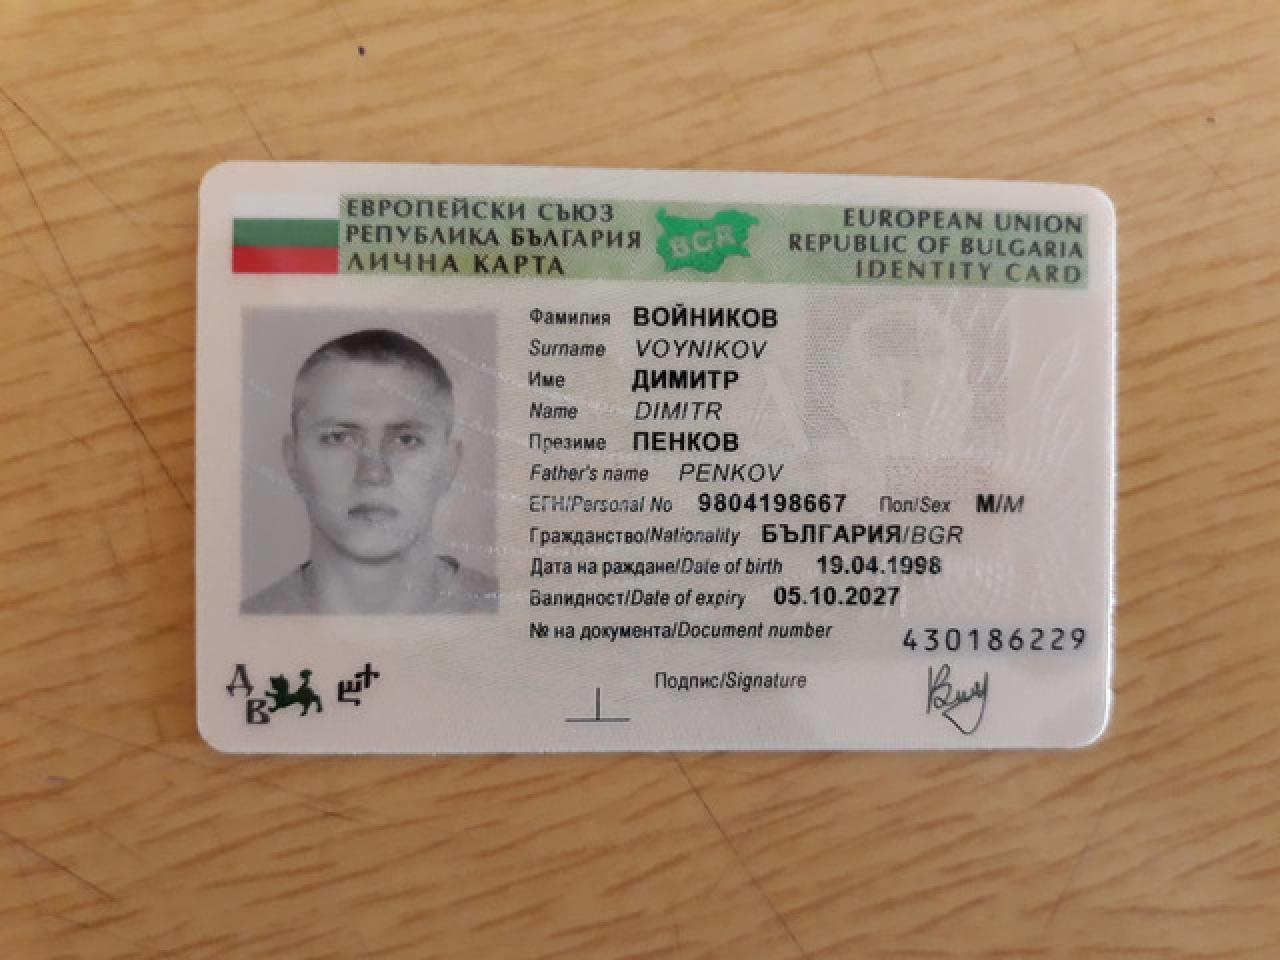 Изготовление европейских ID card - 5